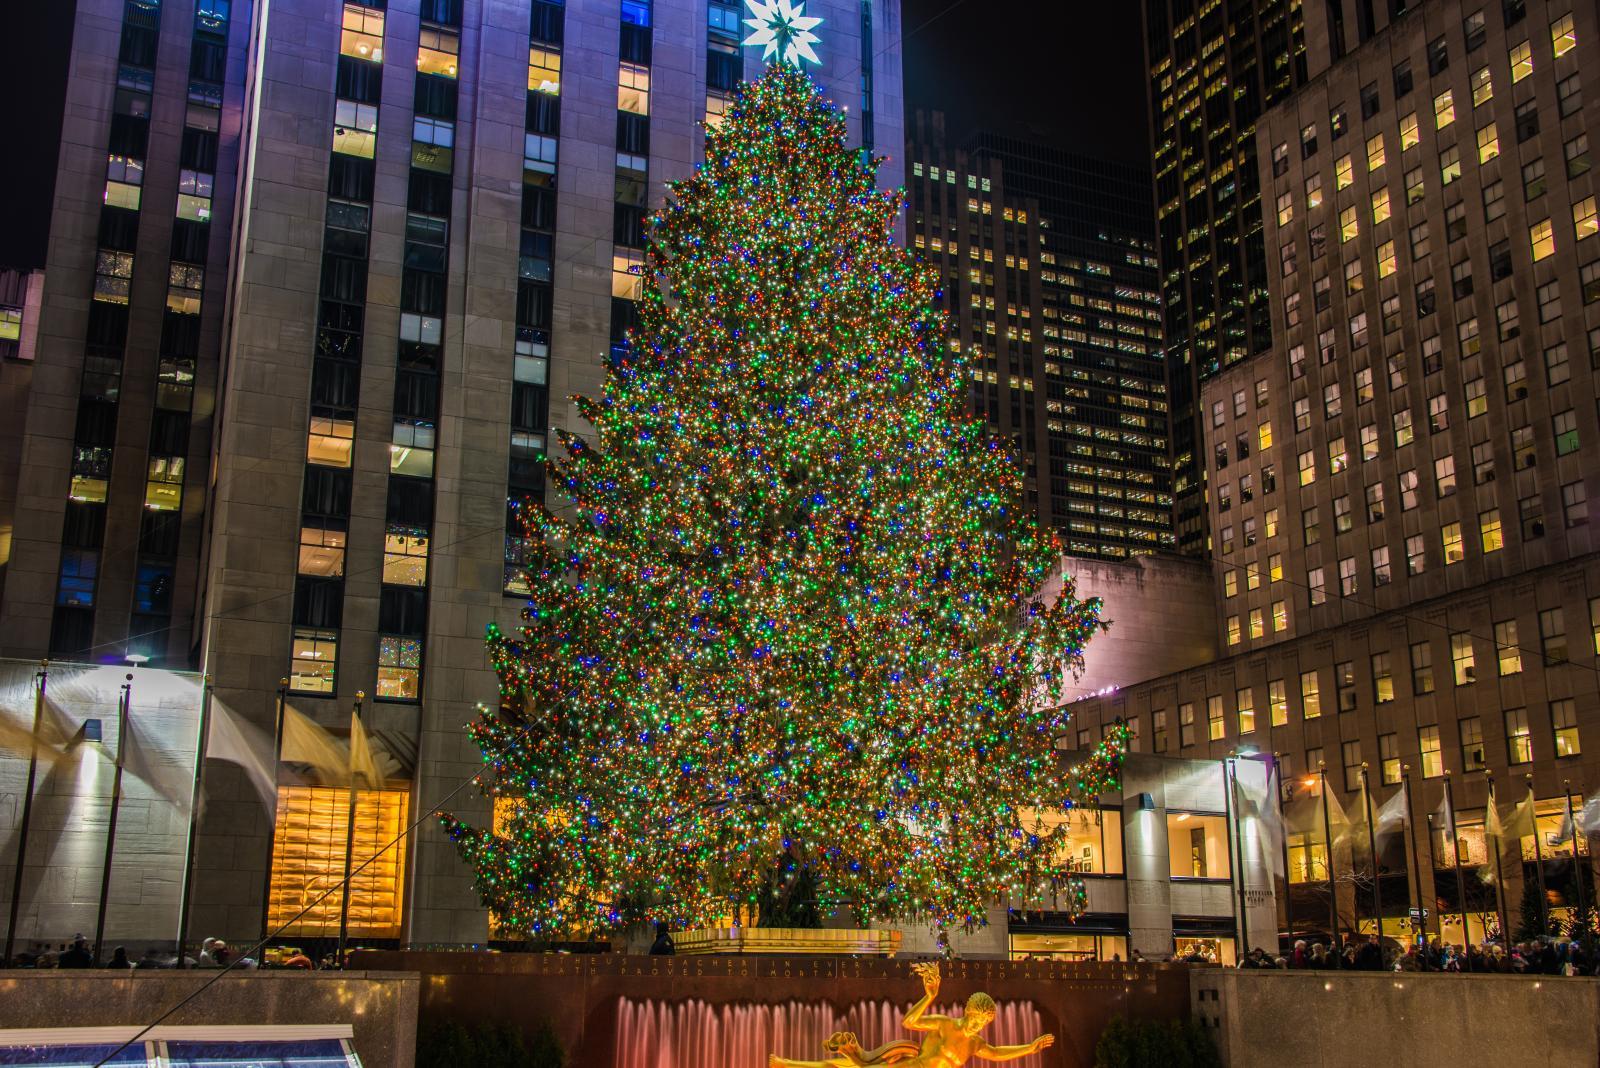 Arbol de Navidad en el Rockefeller Center de Nueva York